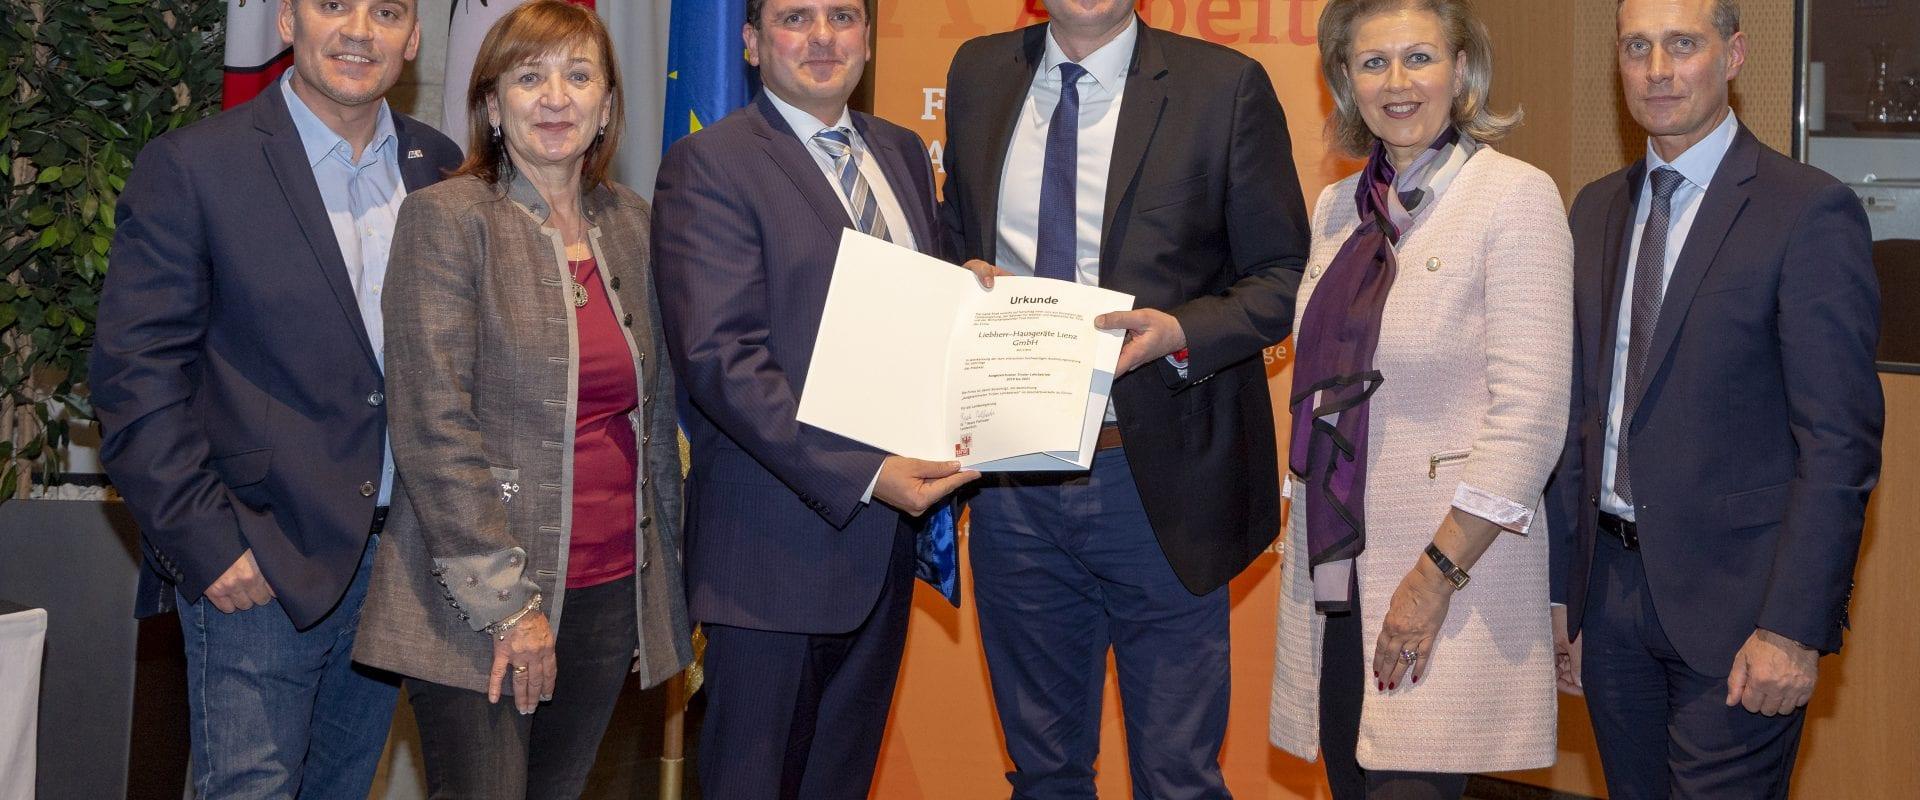 Stolz auf unsere jungen Mitarbeiter - Auszeichnung als Tiroler Lehrbetrieb